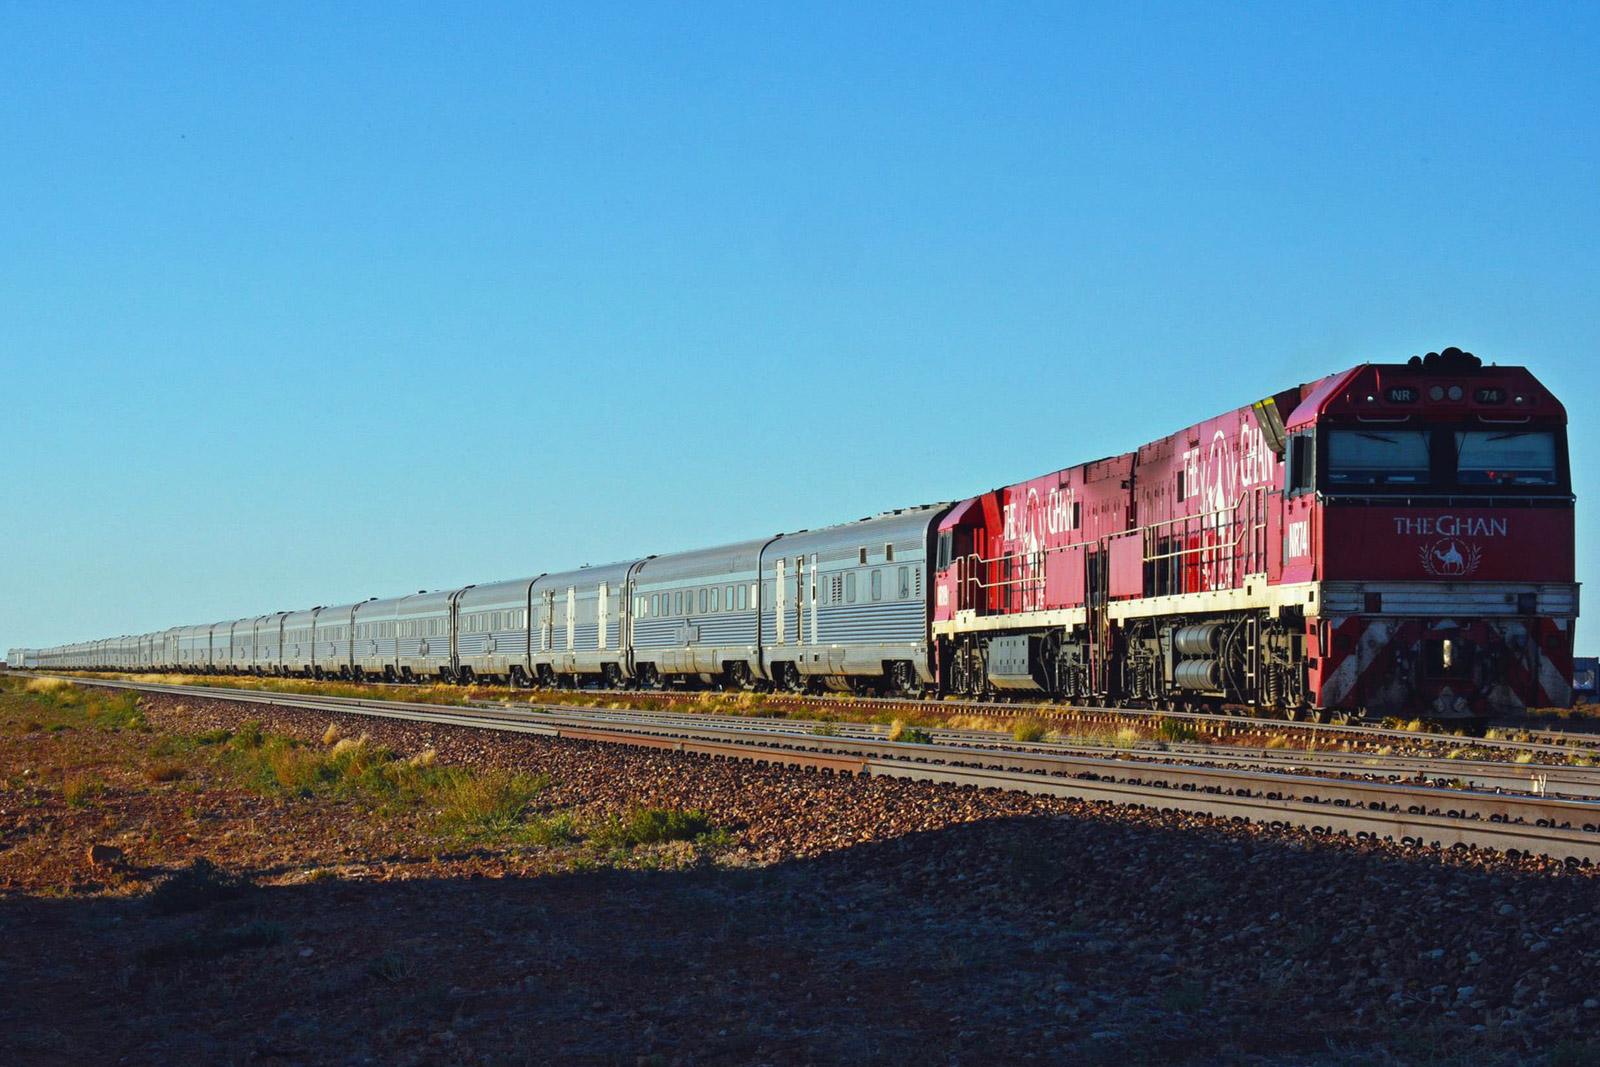 The Ghan Australia train trip